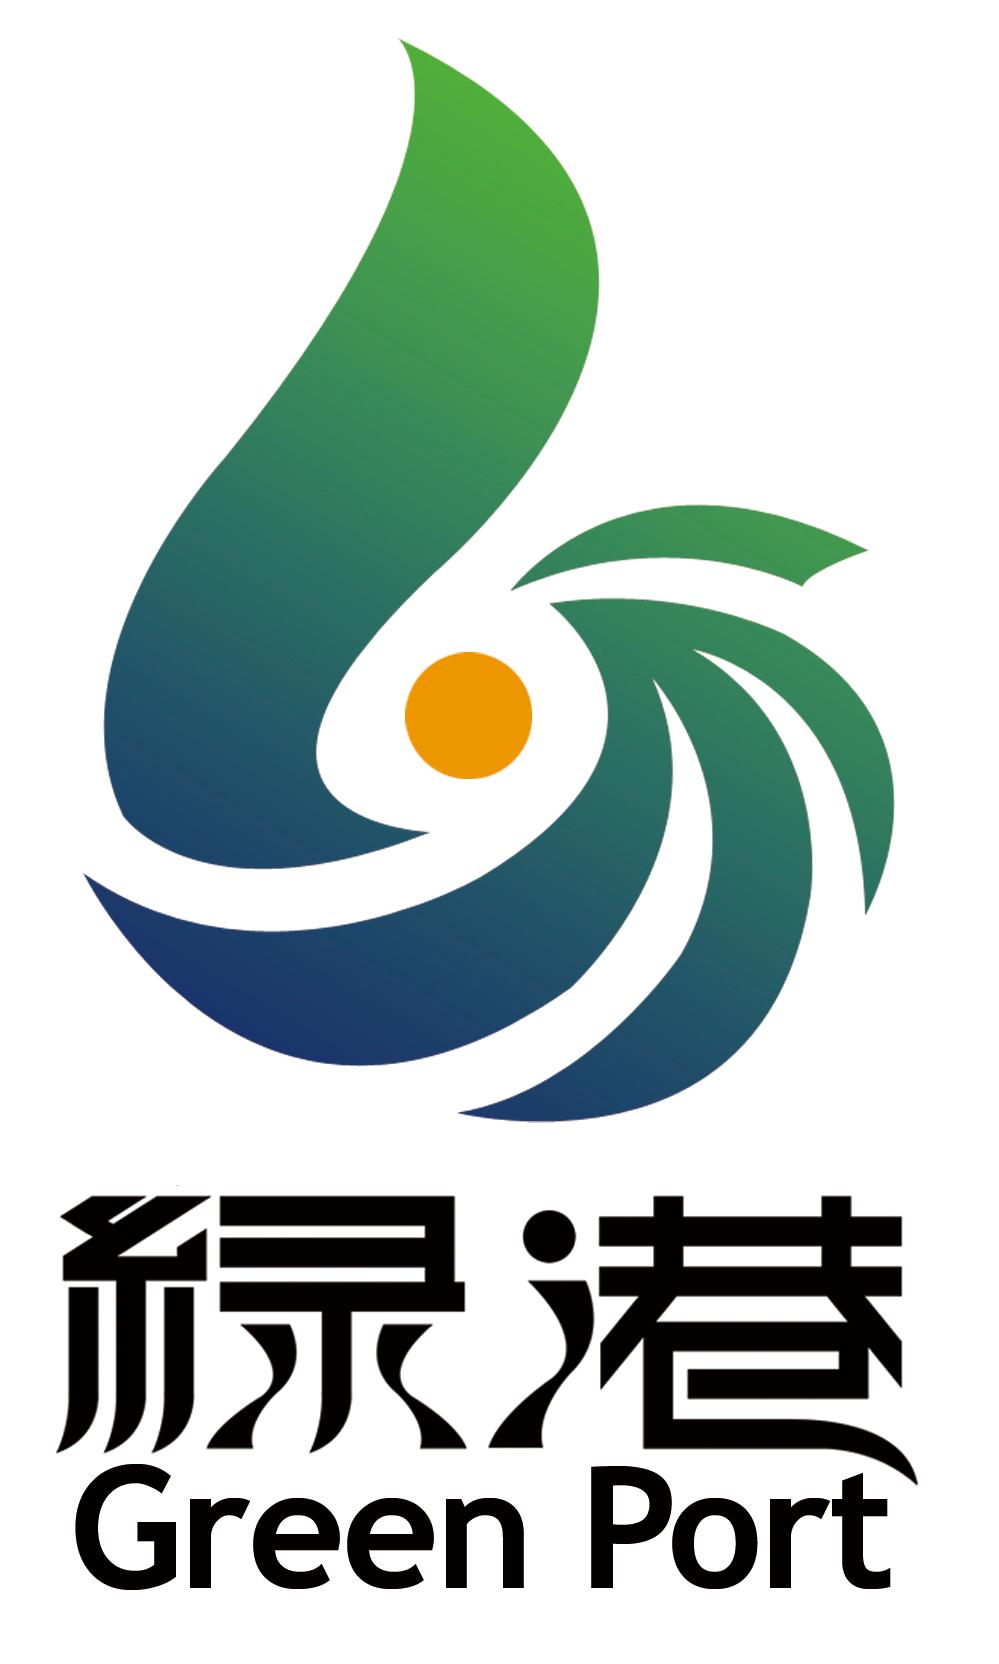 江苏绿港现代农业发展有限公司 照片